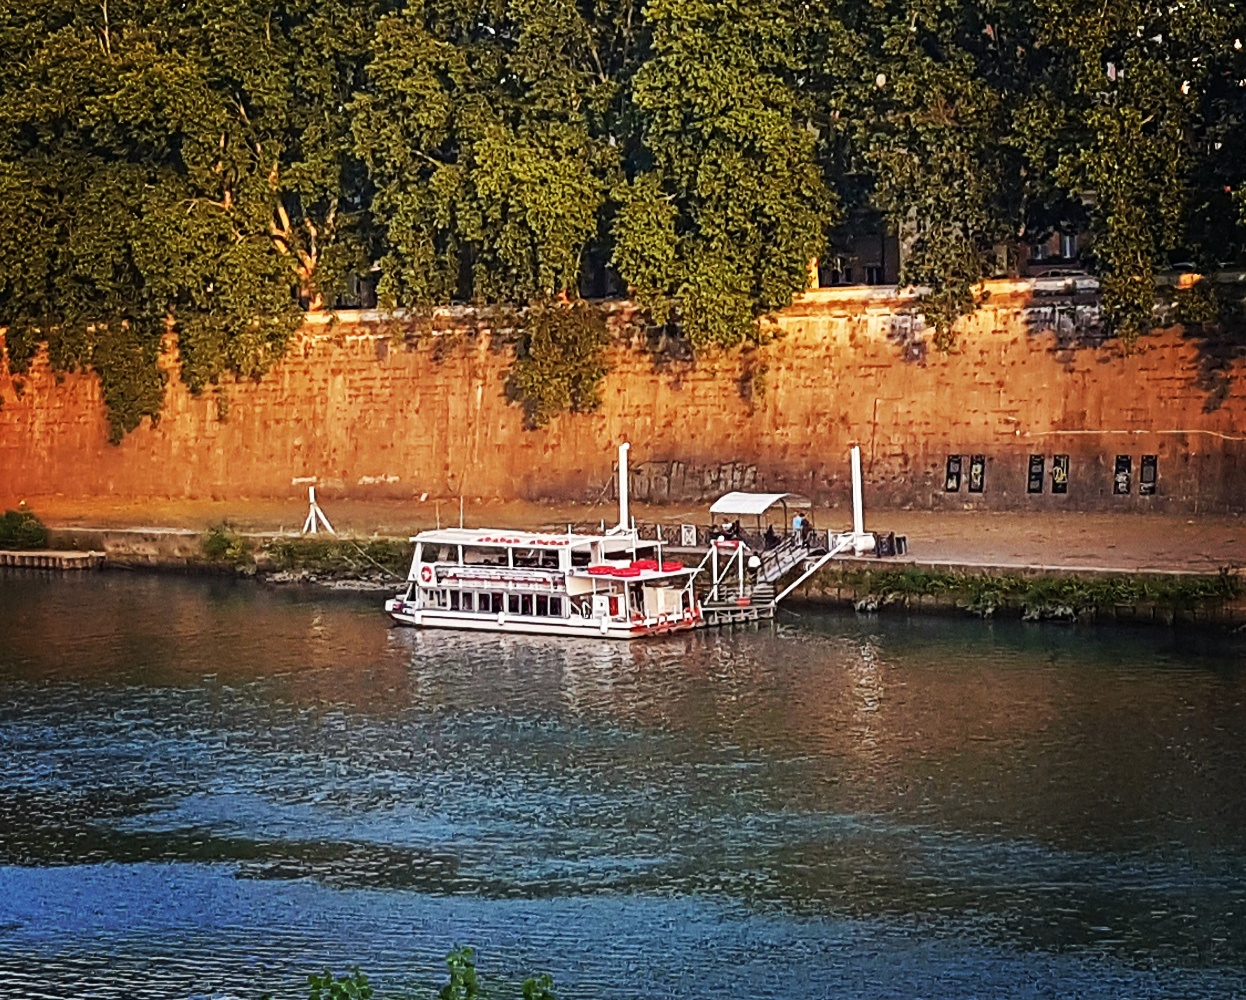 Passeio de barco pelo Rio Tevere em Roma - Blog Vou pra Roma